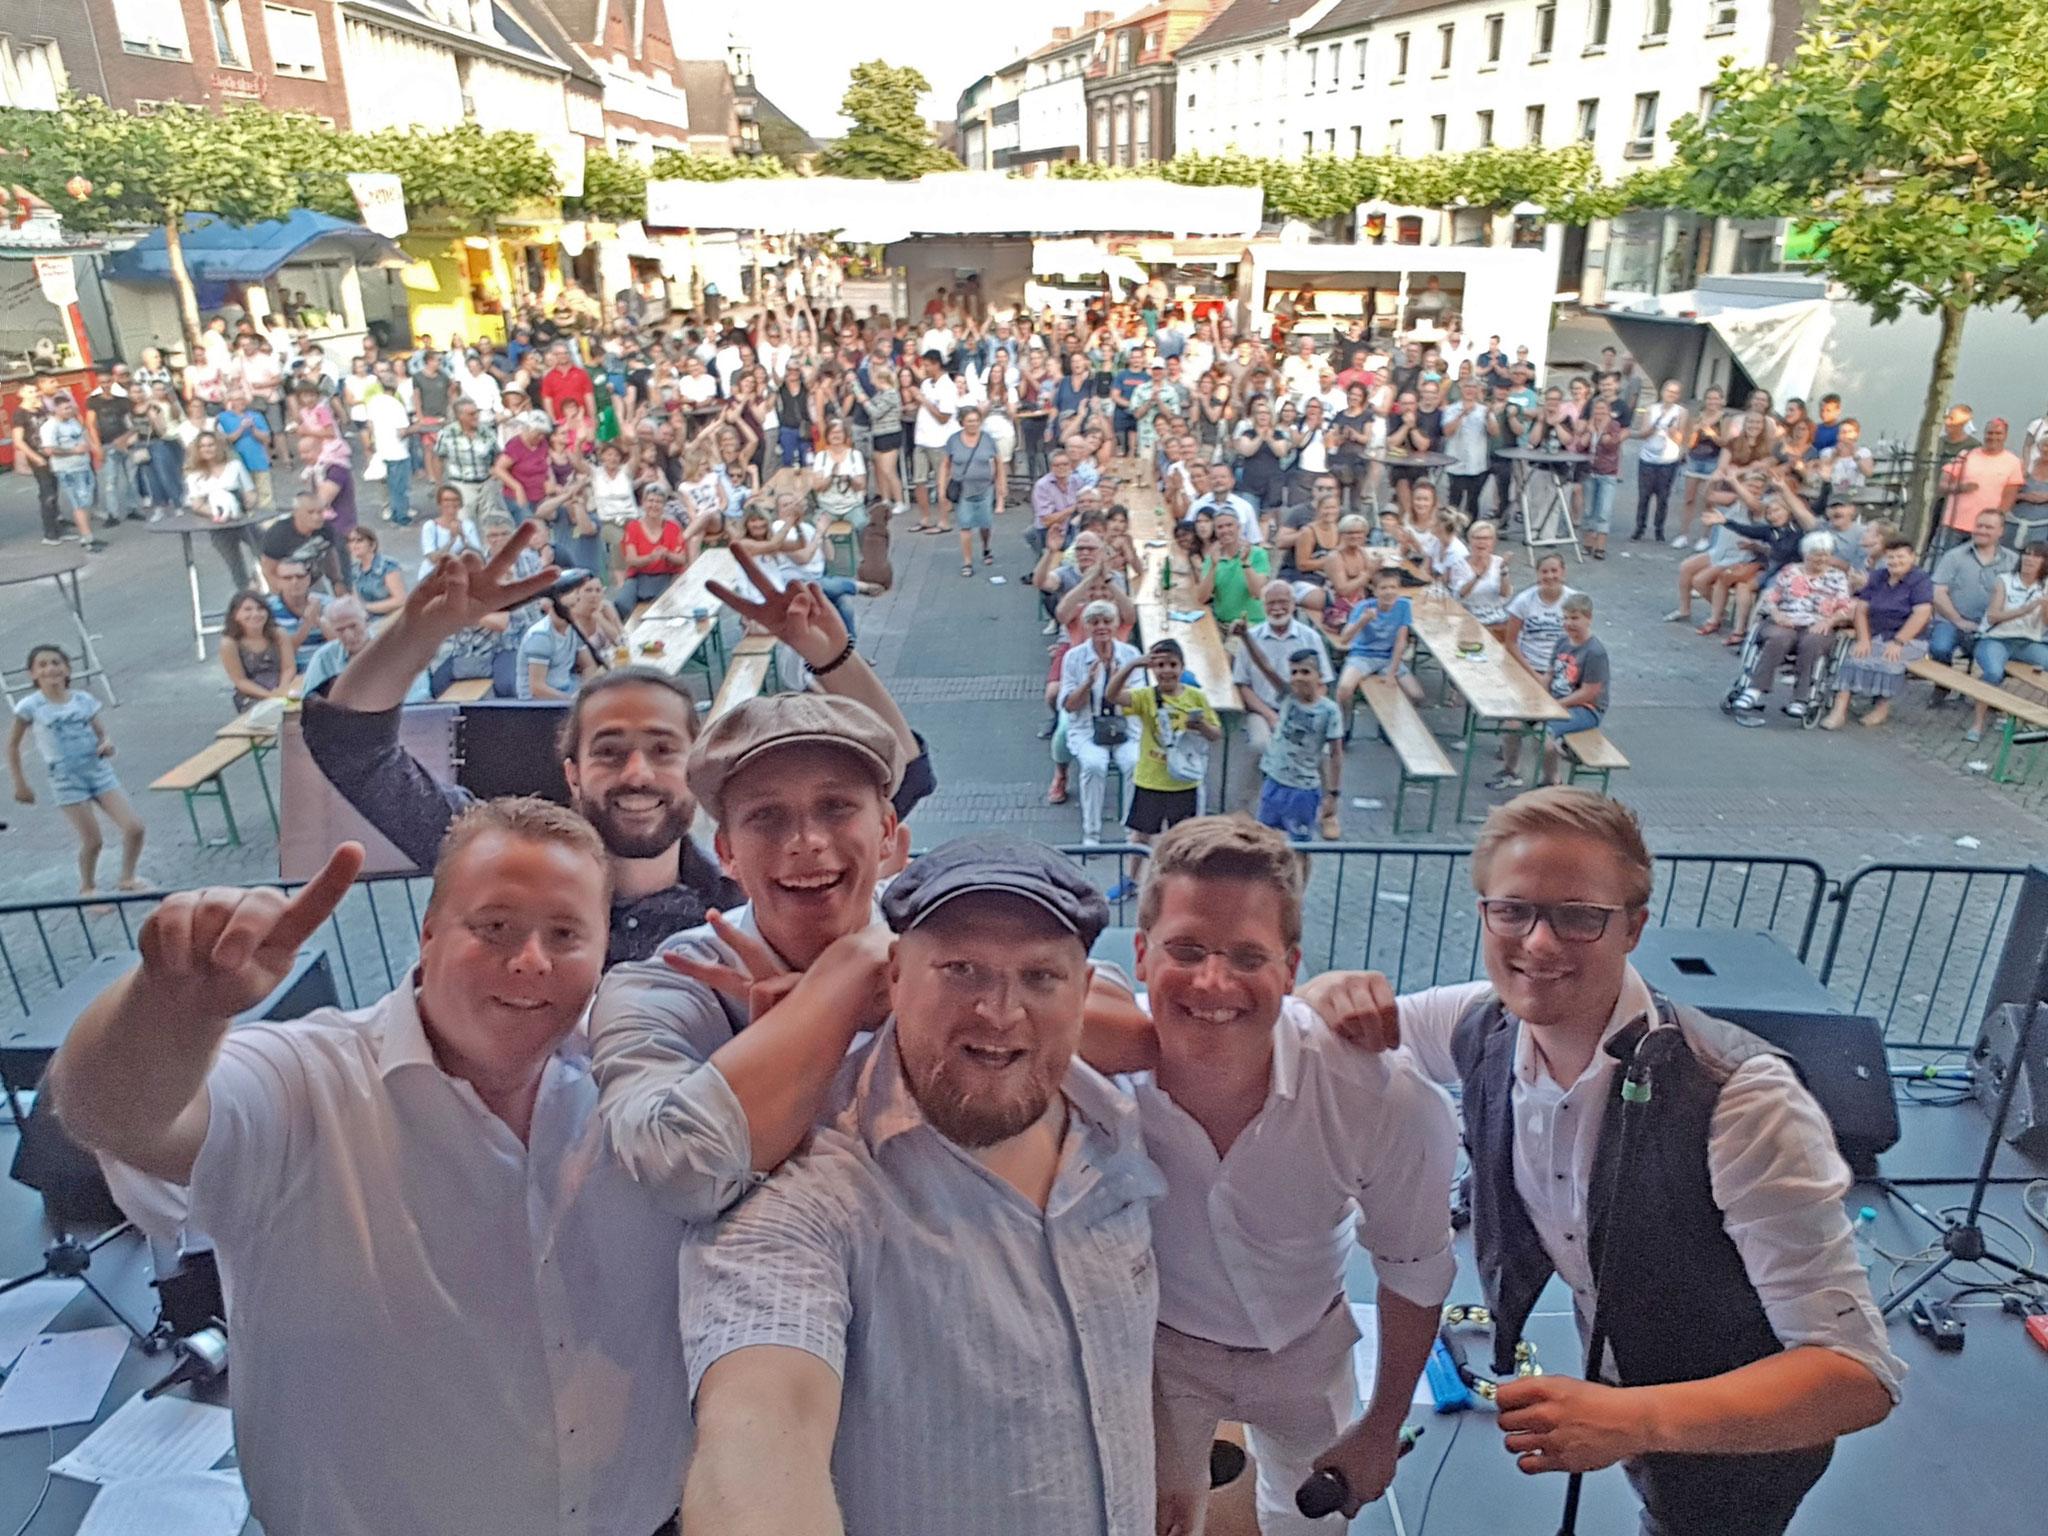 10.06.2018 - Zum vierten Mal auf der Gelderner Straßenparty